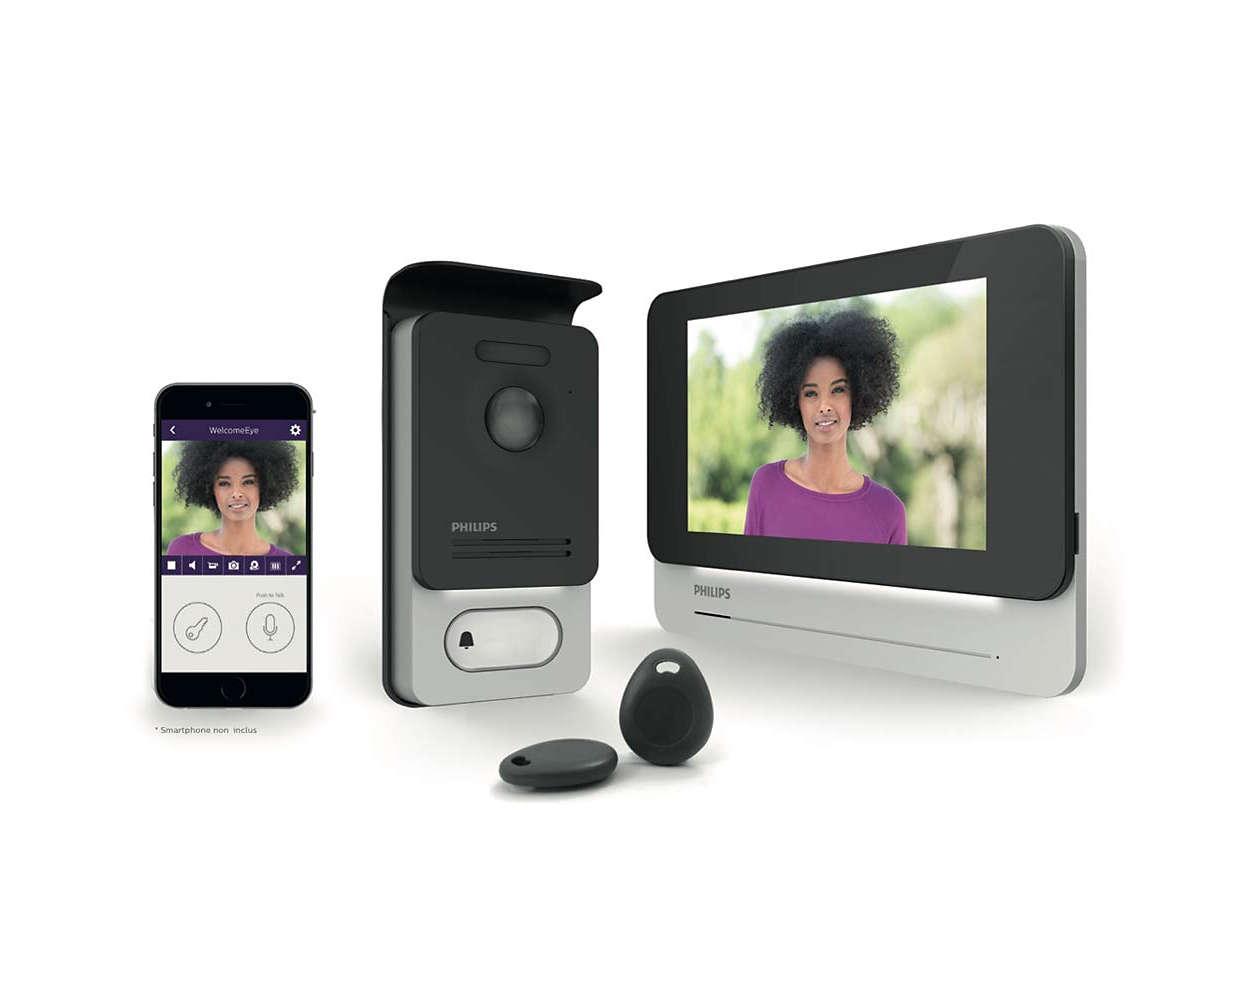 Verbonden intercom met video en touchscreen